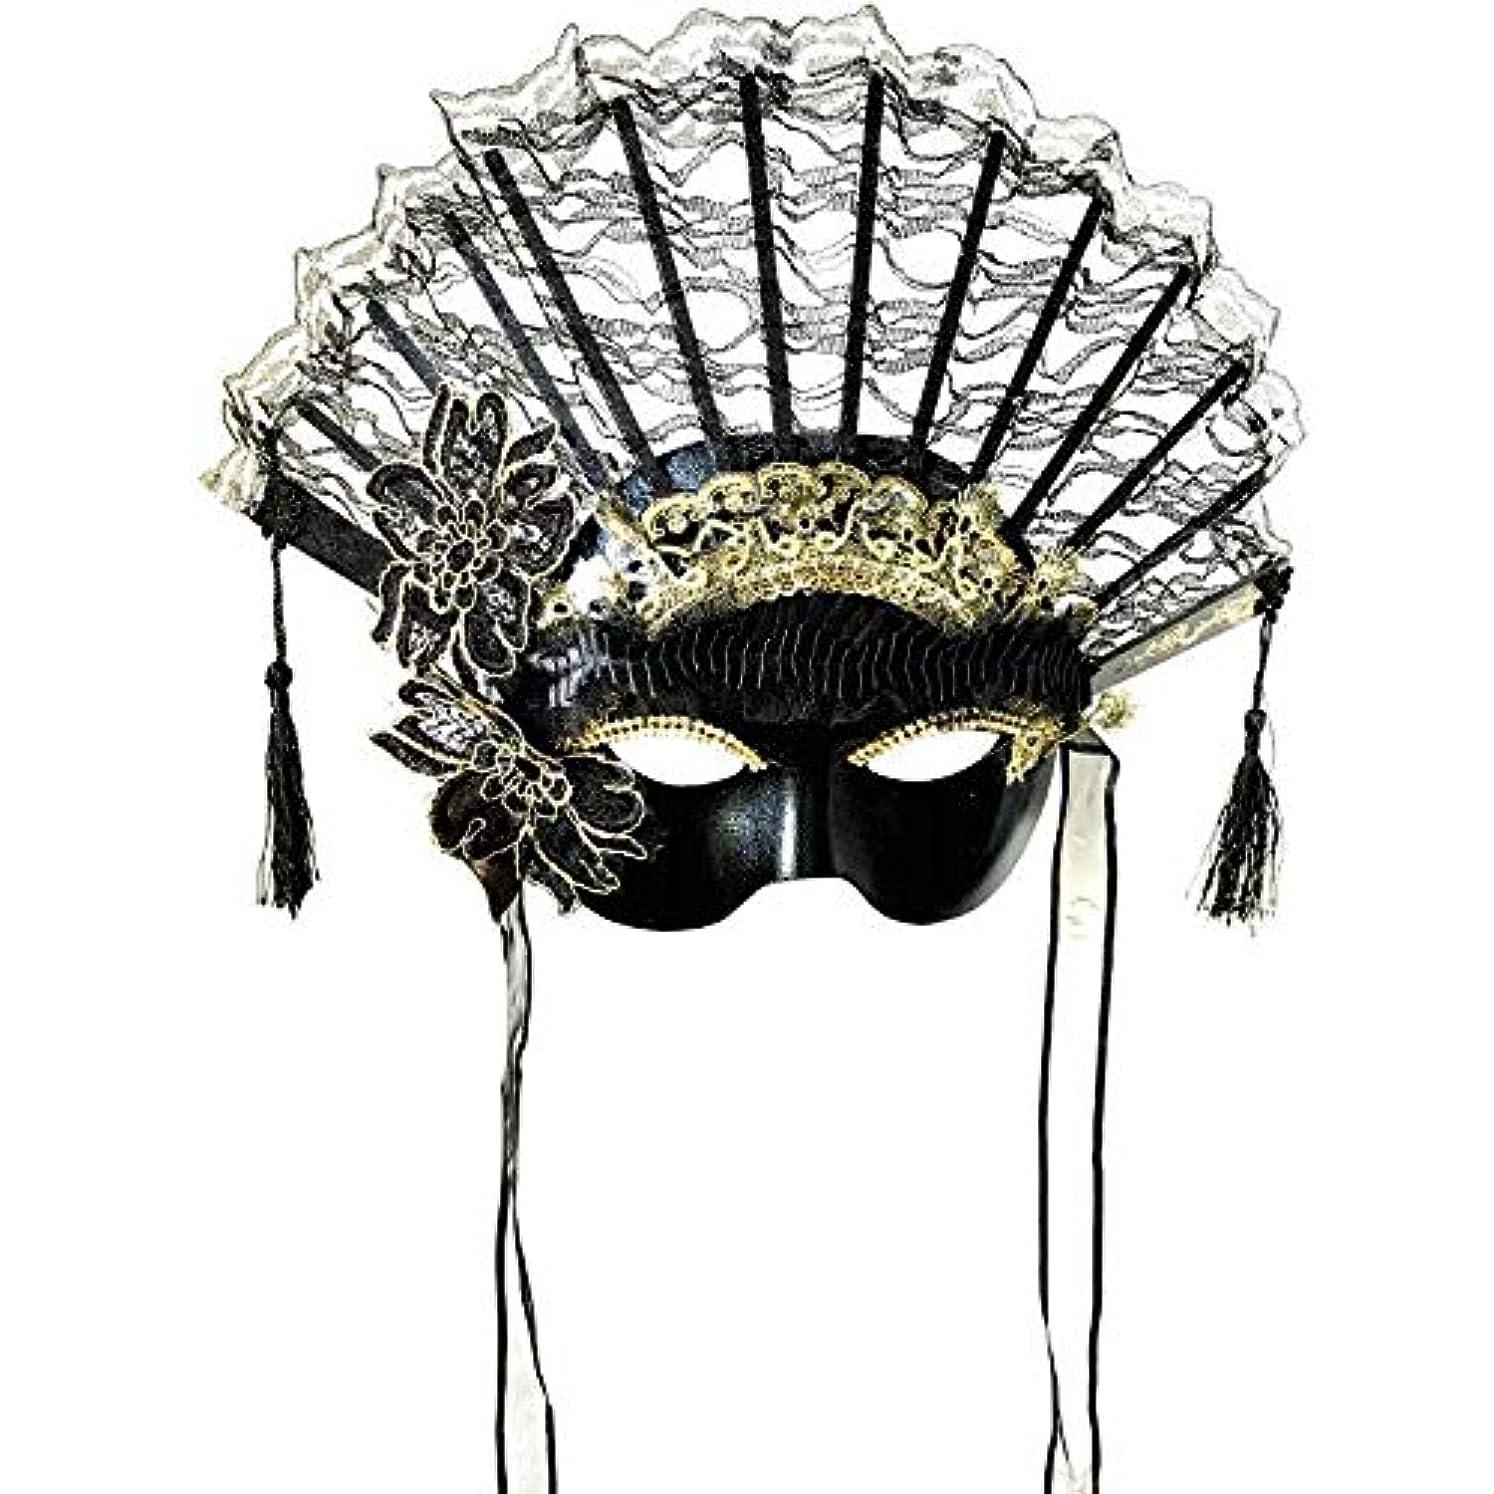 細断デッドロック泥棒Nanle ハロウィンクリスマスレースファンシェイプフラワーフリンジビーズマスク仮装マスクレディミスプリンセス美容祭パーティーデコレーションマスク (色 : Black B)